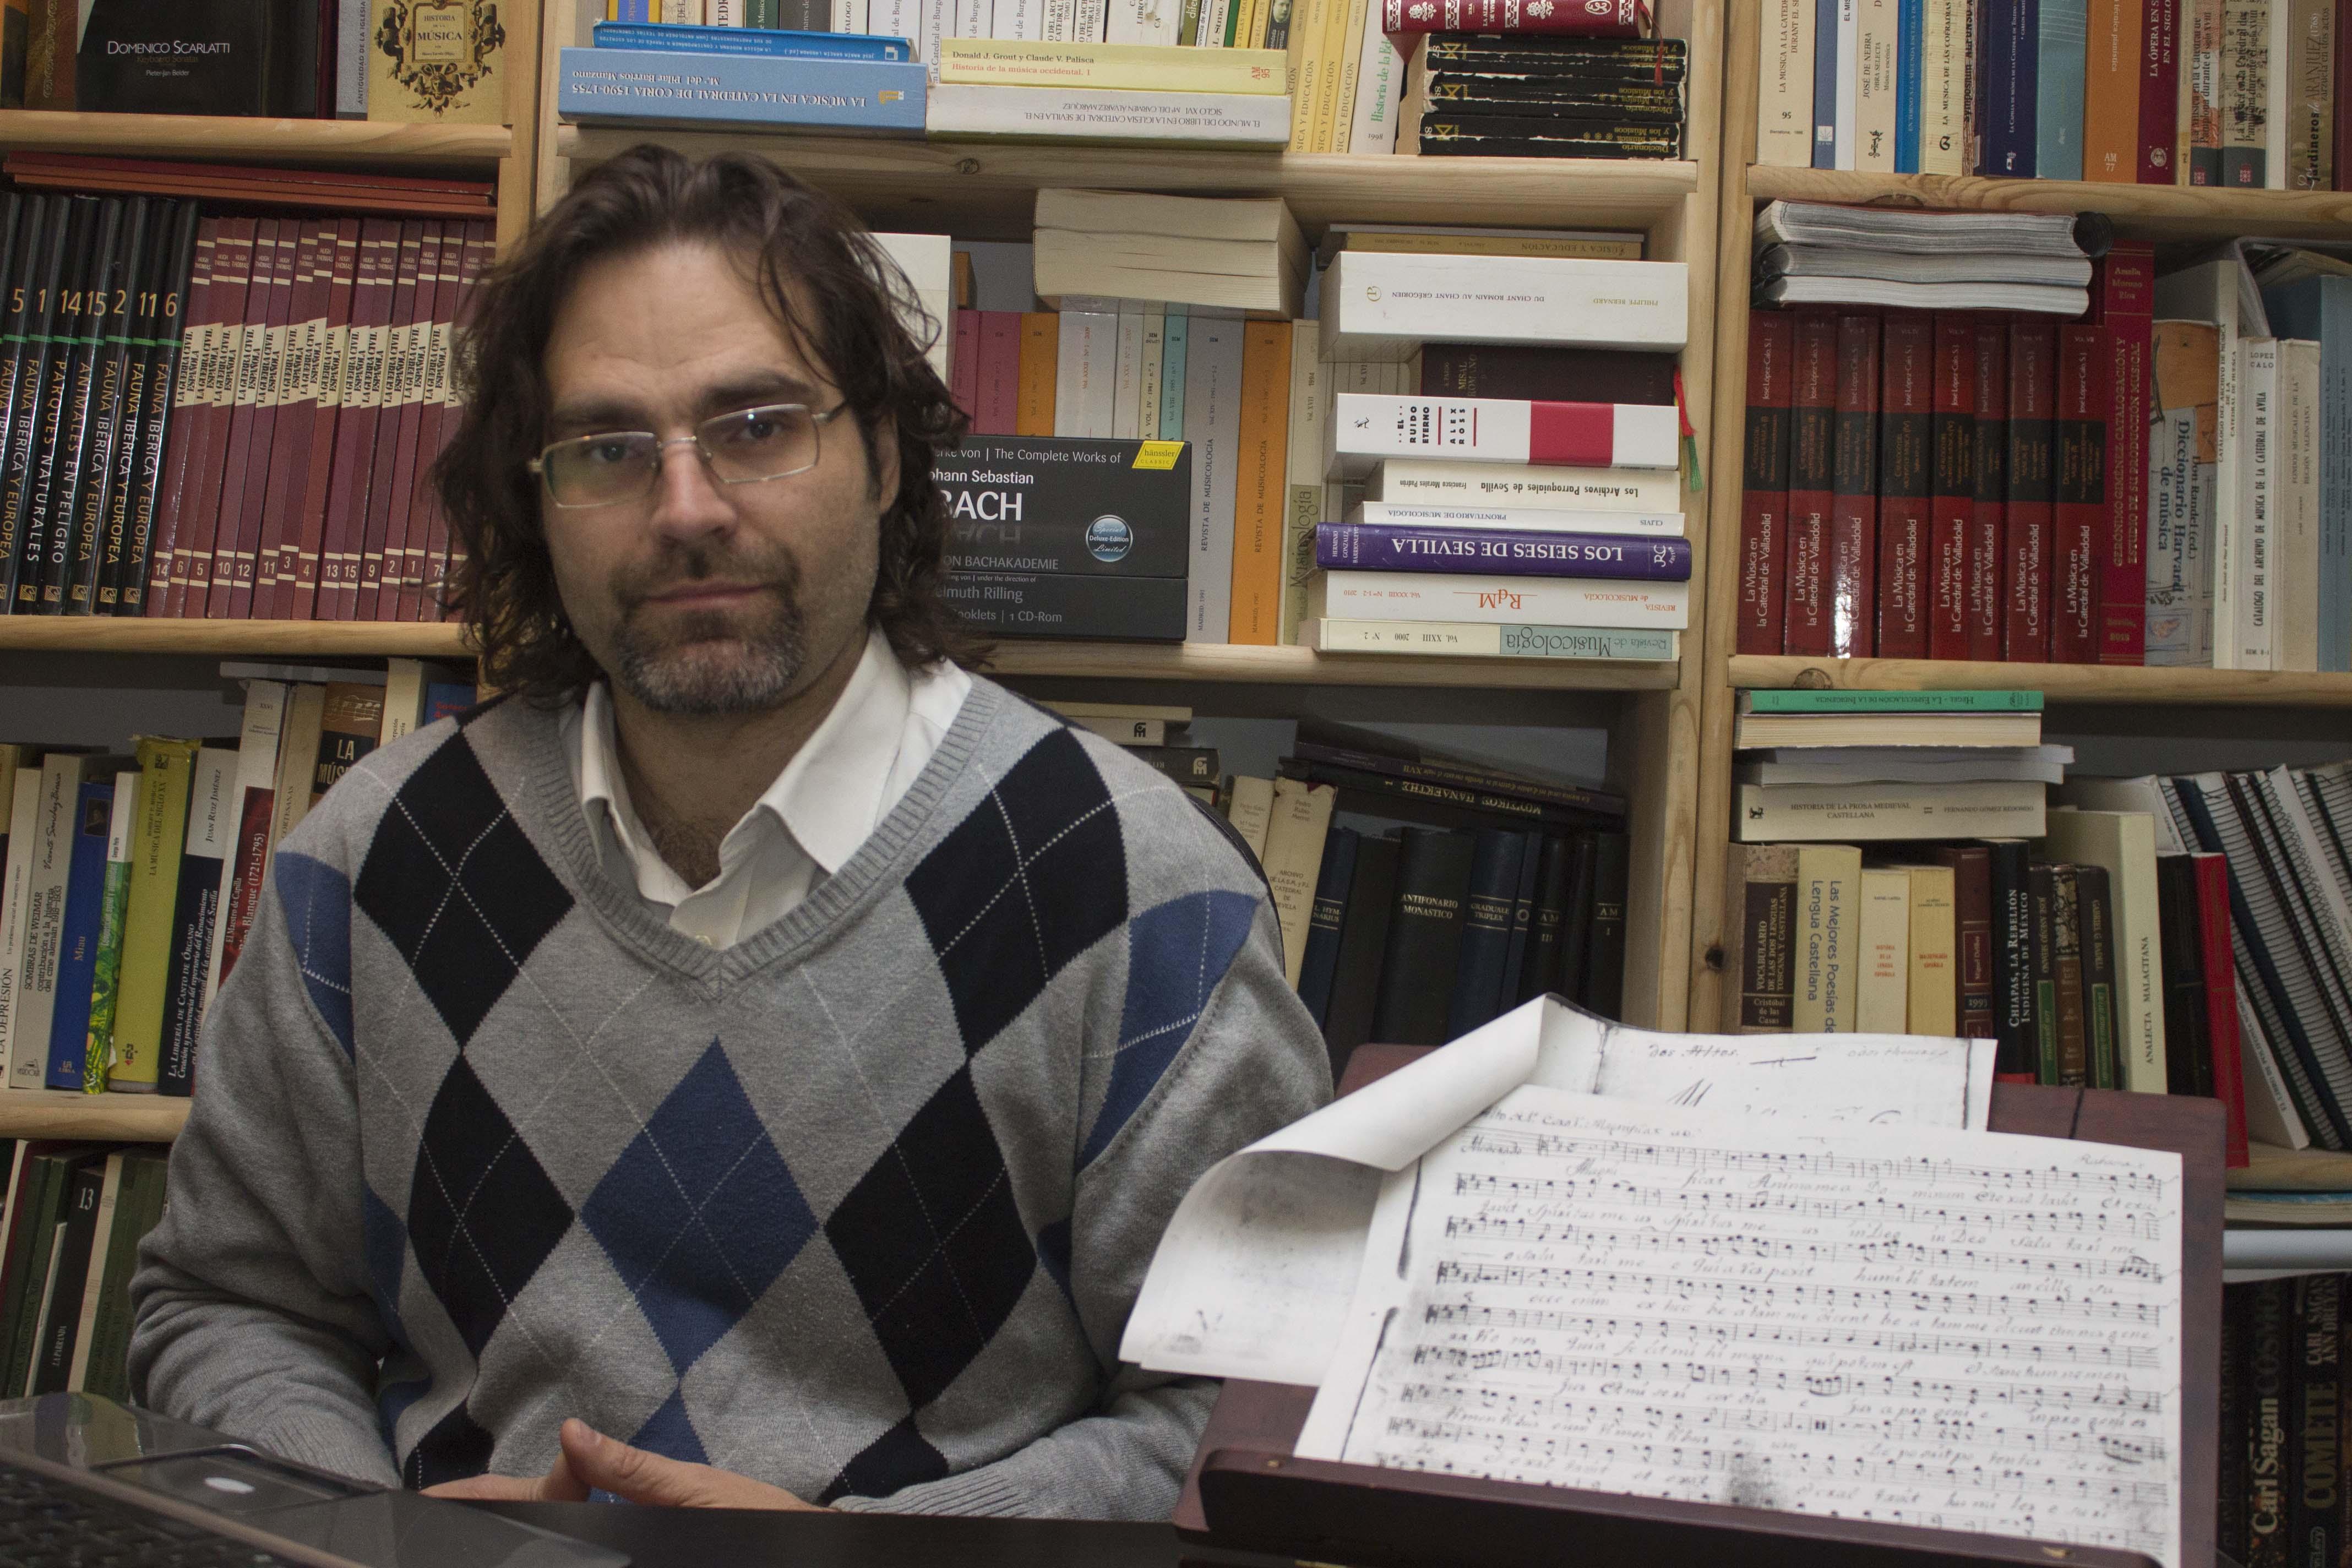 Juan María Suárez Martos